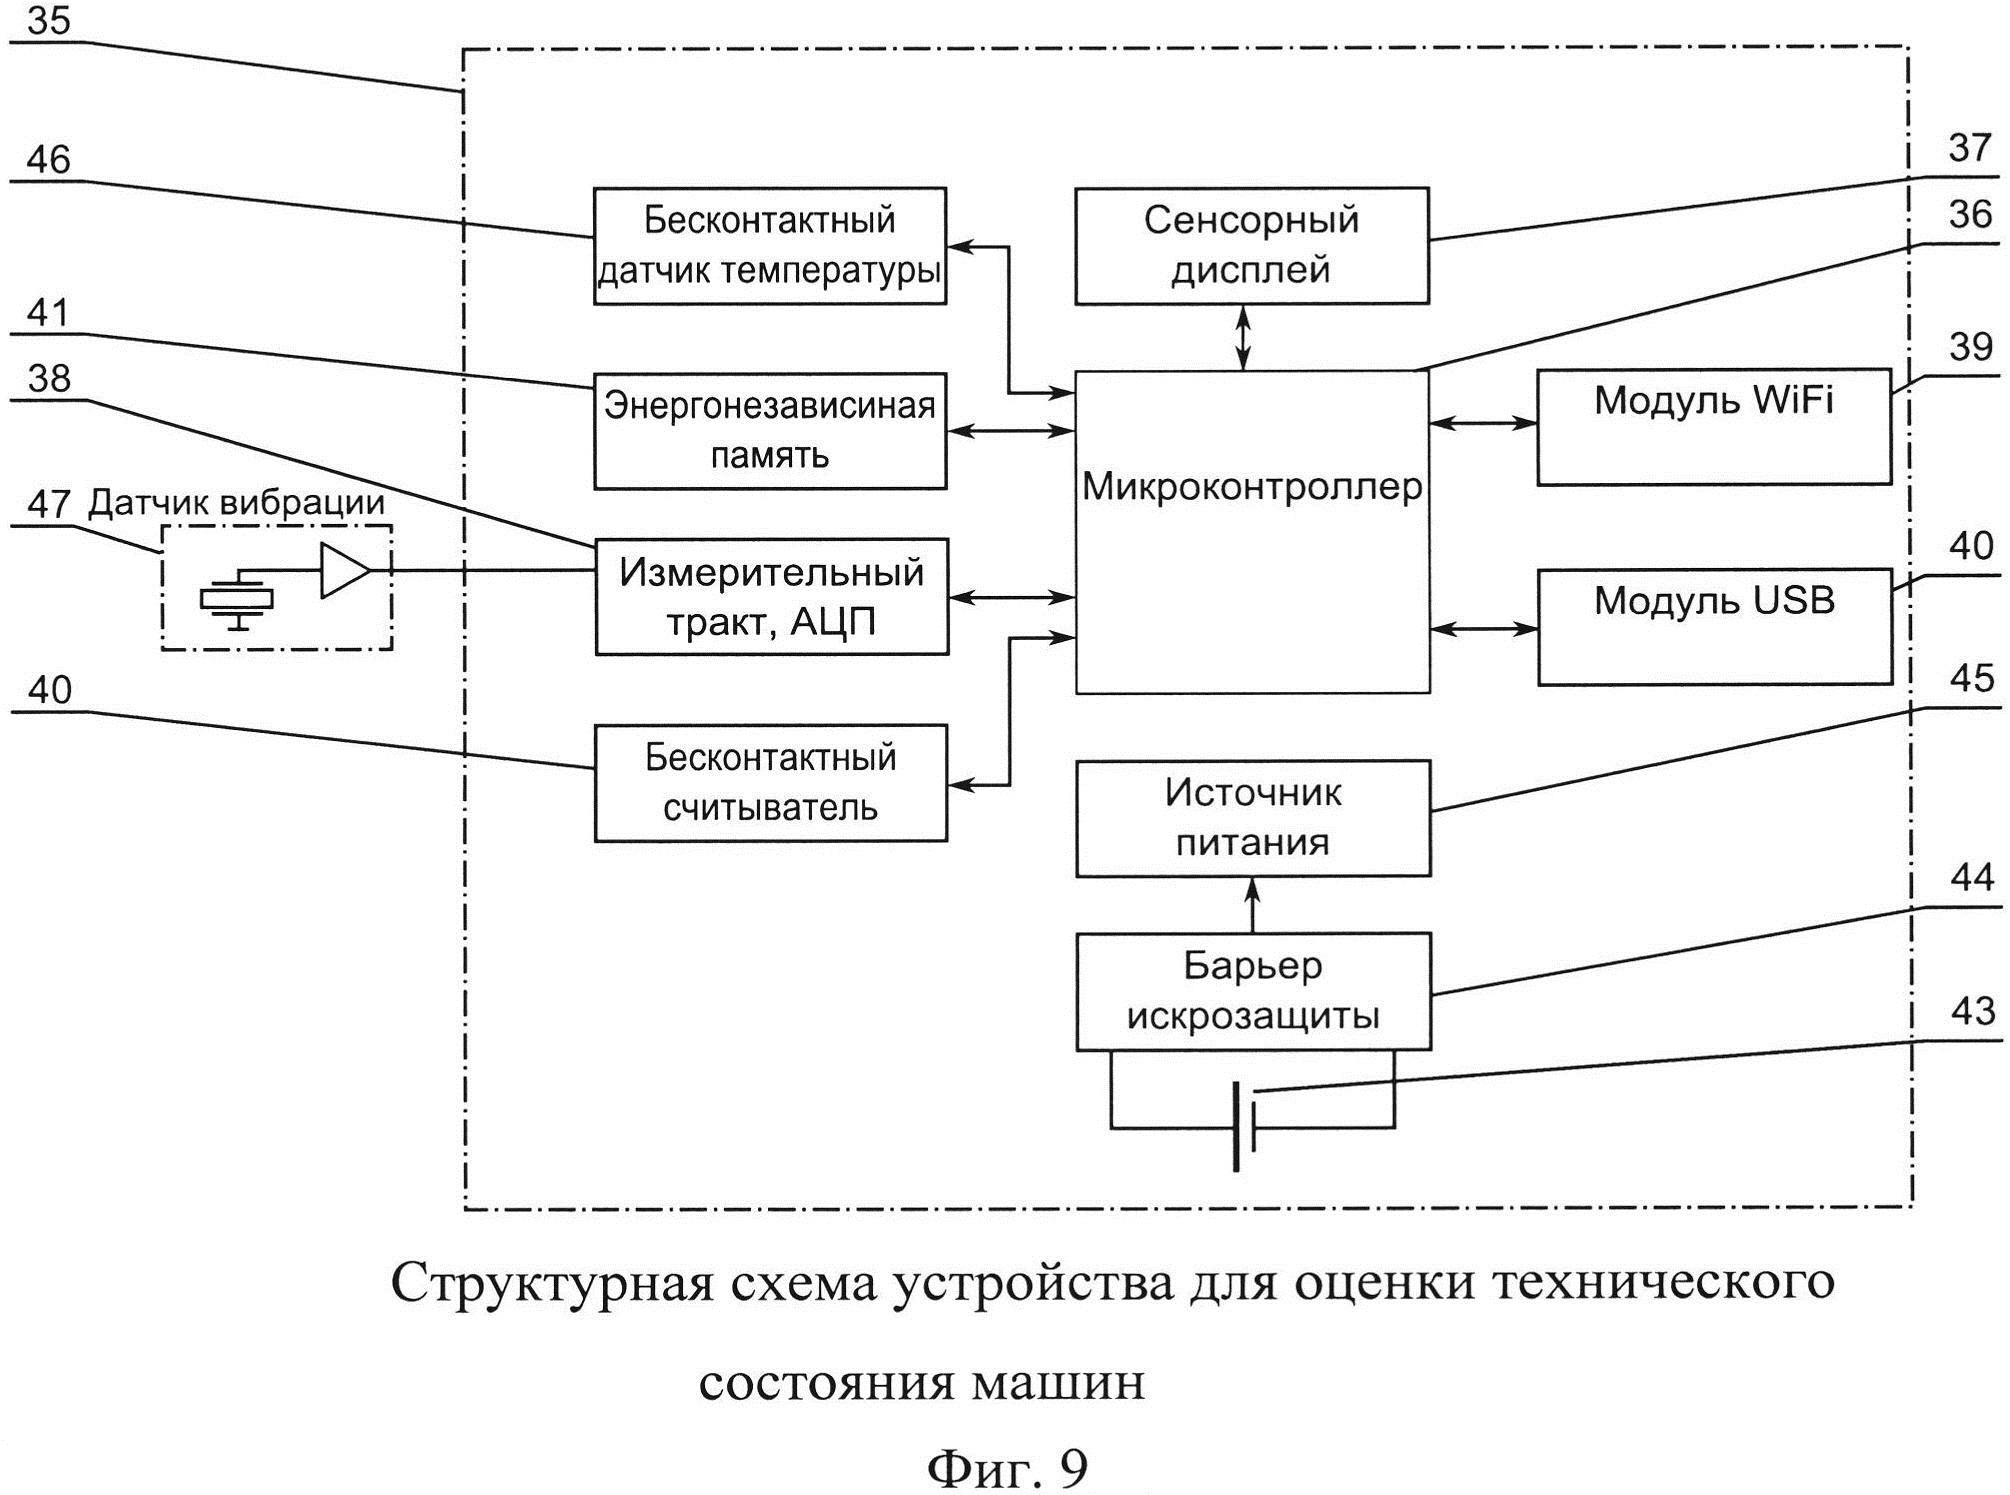 Устройство для оценки технического состояния машин